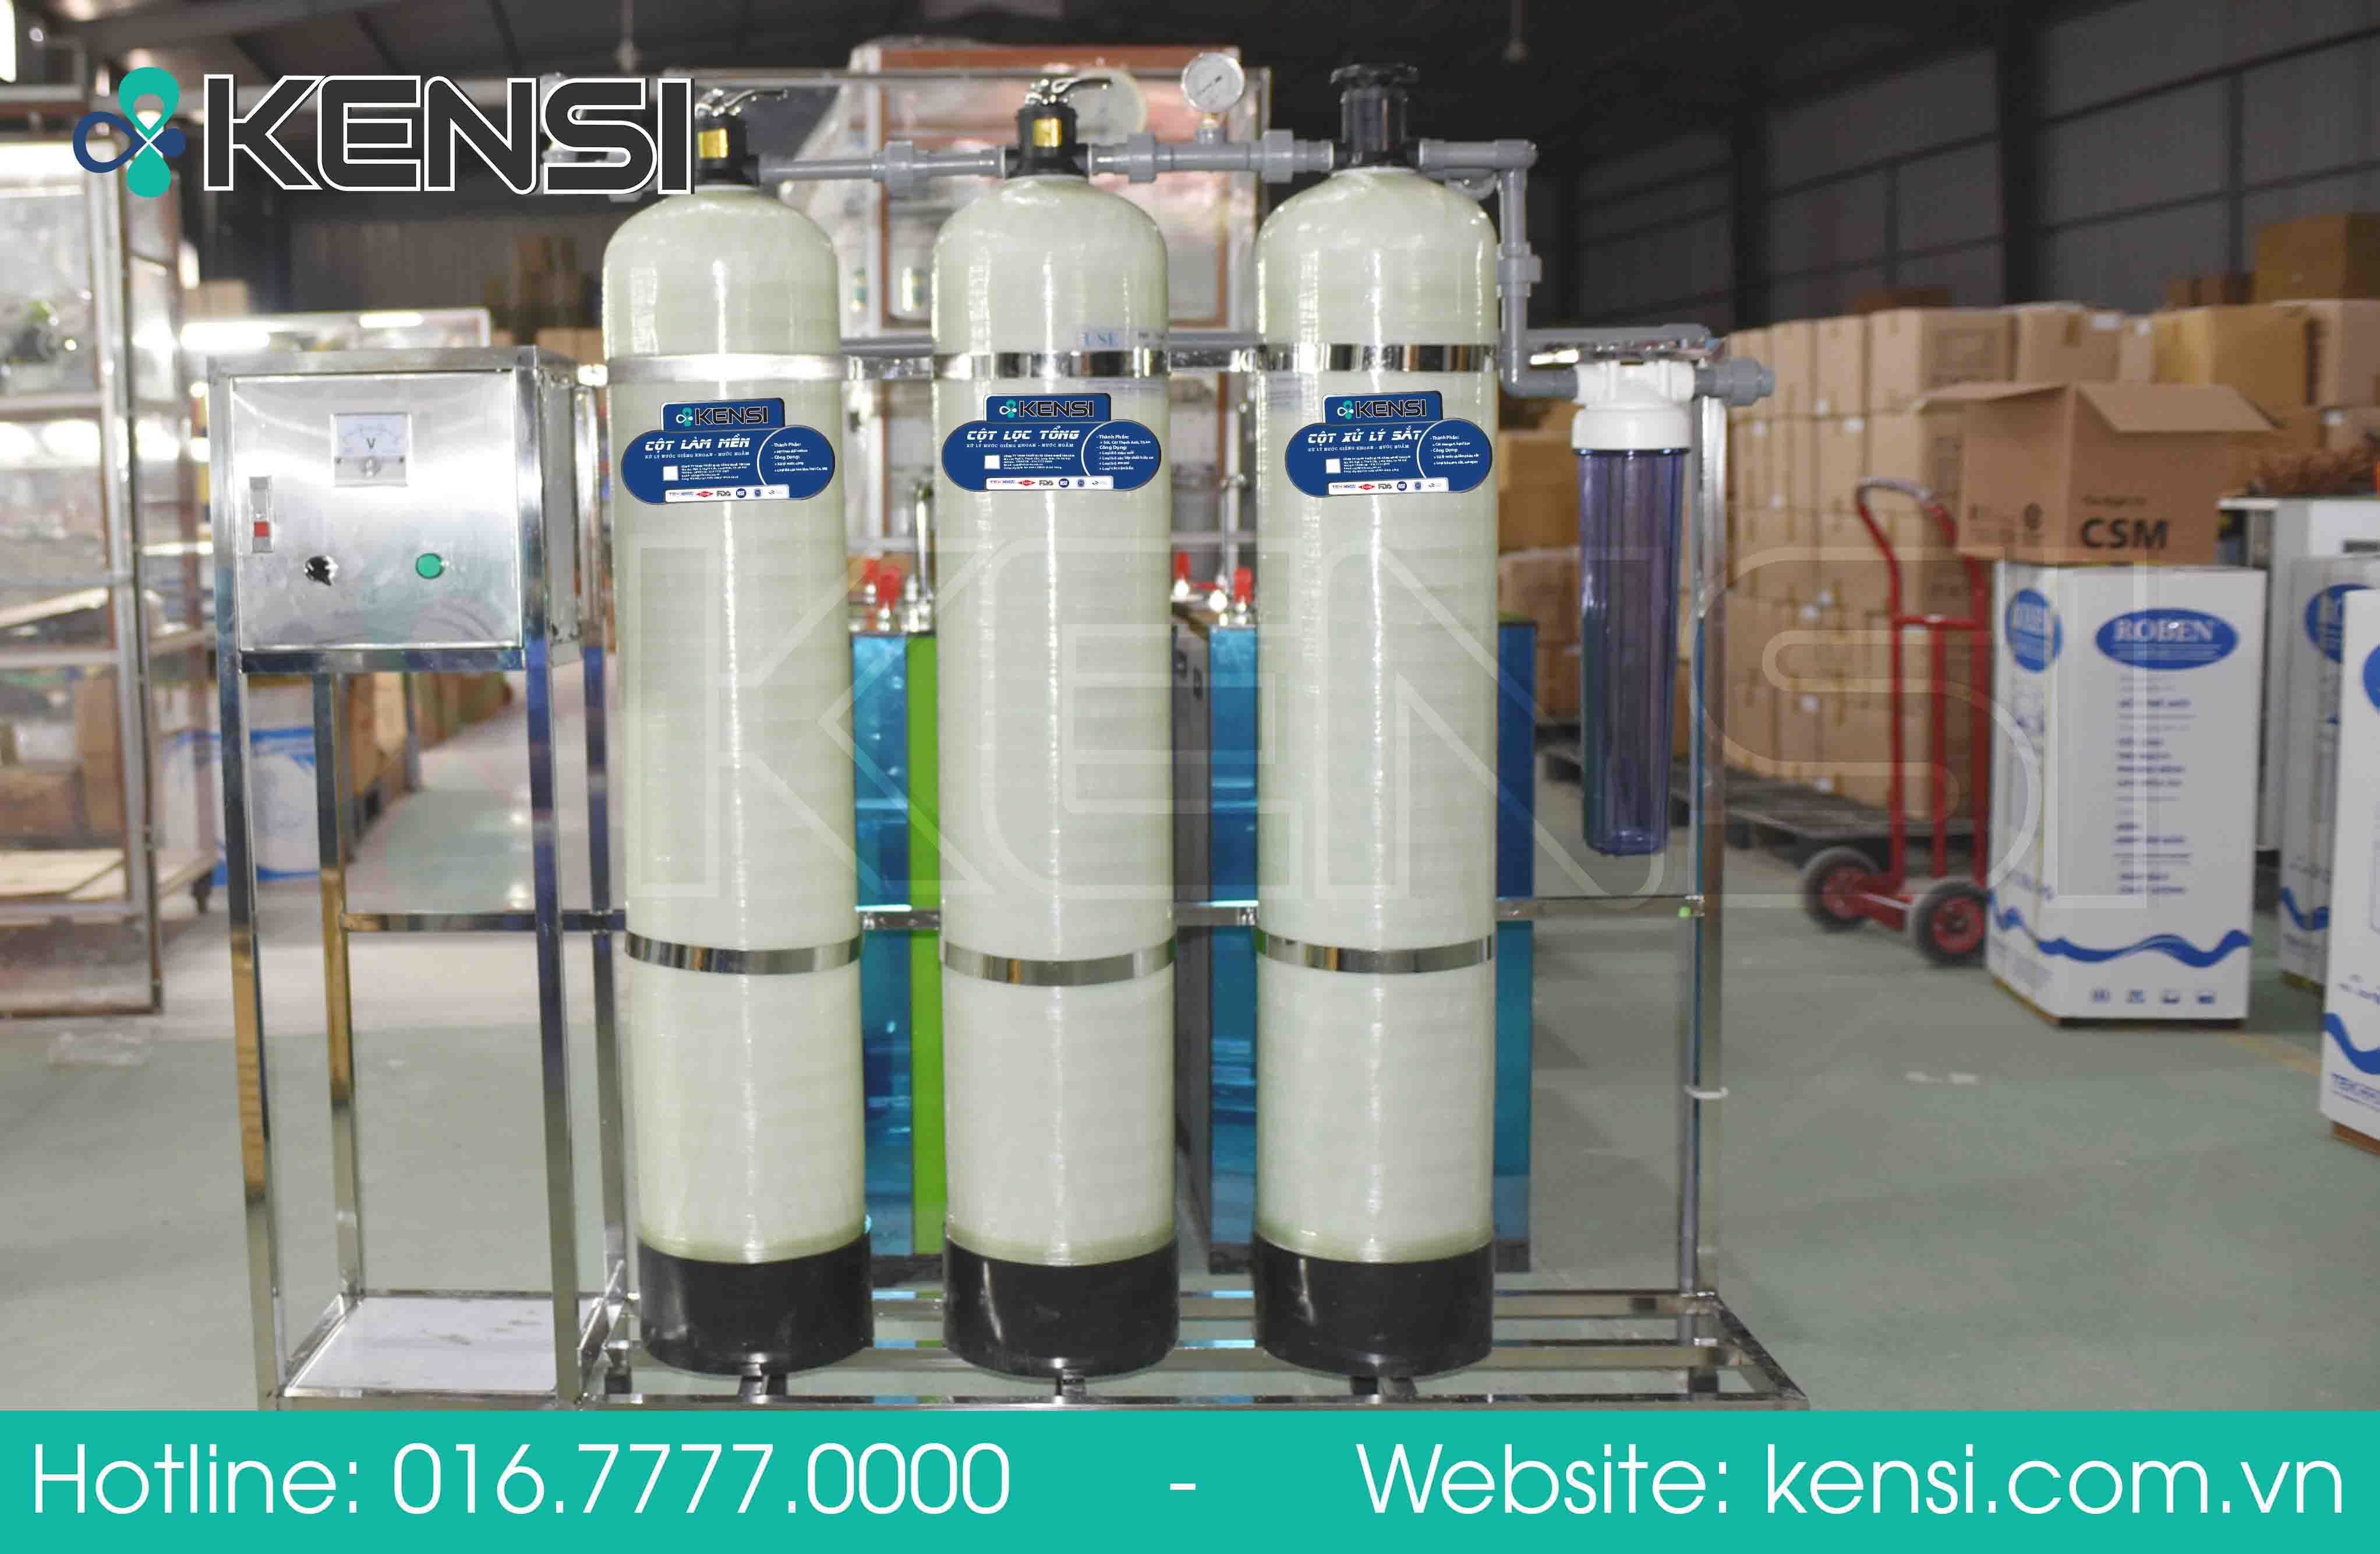 Cam đoan máy lọc nước đạt chuẩn, mang tới nguồn nước sạch đạt tiêu chuẩn